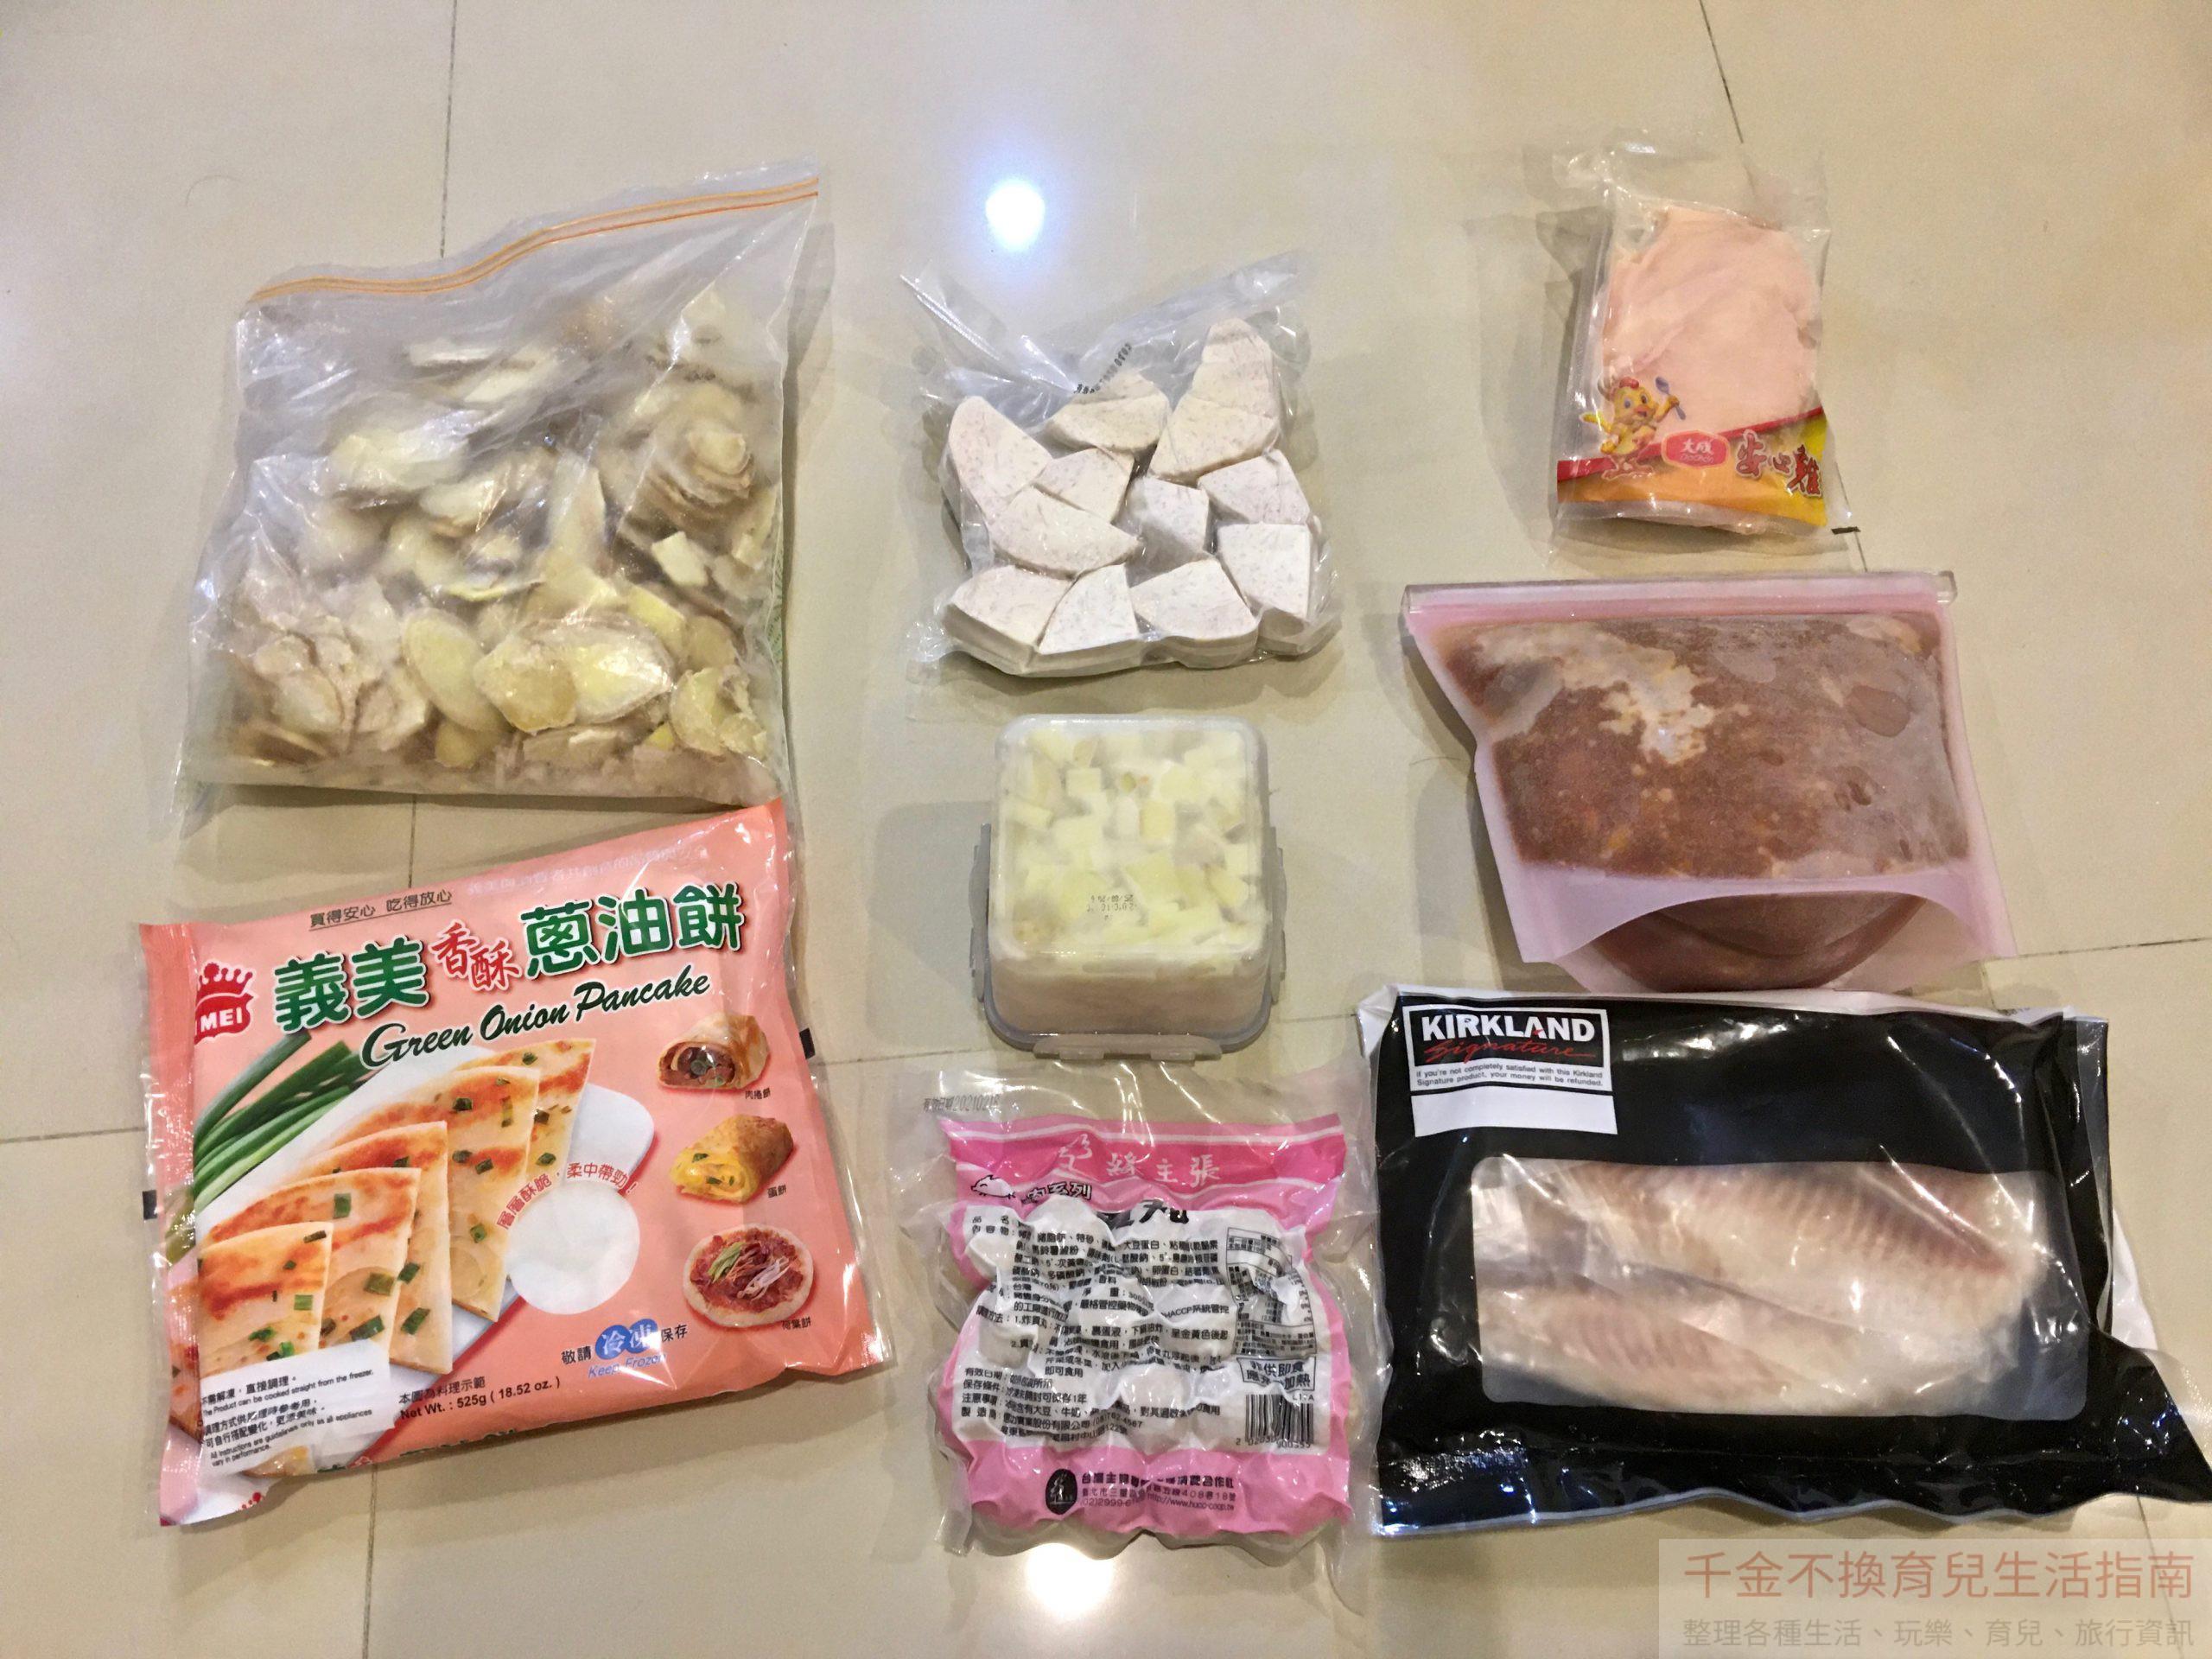 超前部署 – 家庭預備物資清單:飲食 (1) 食材